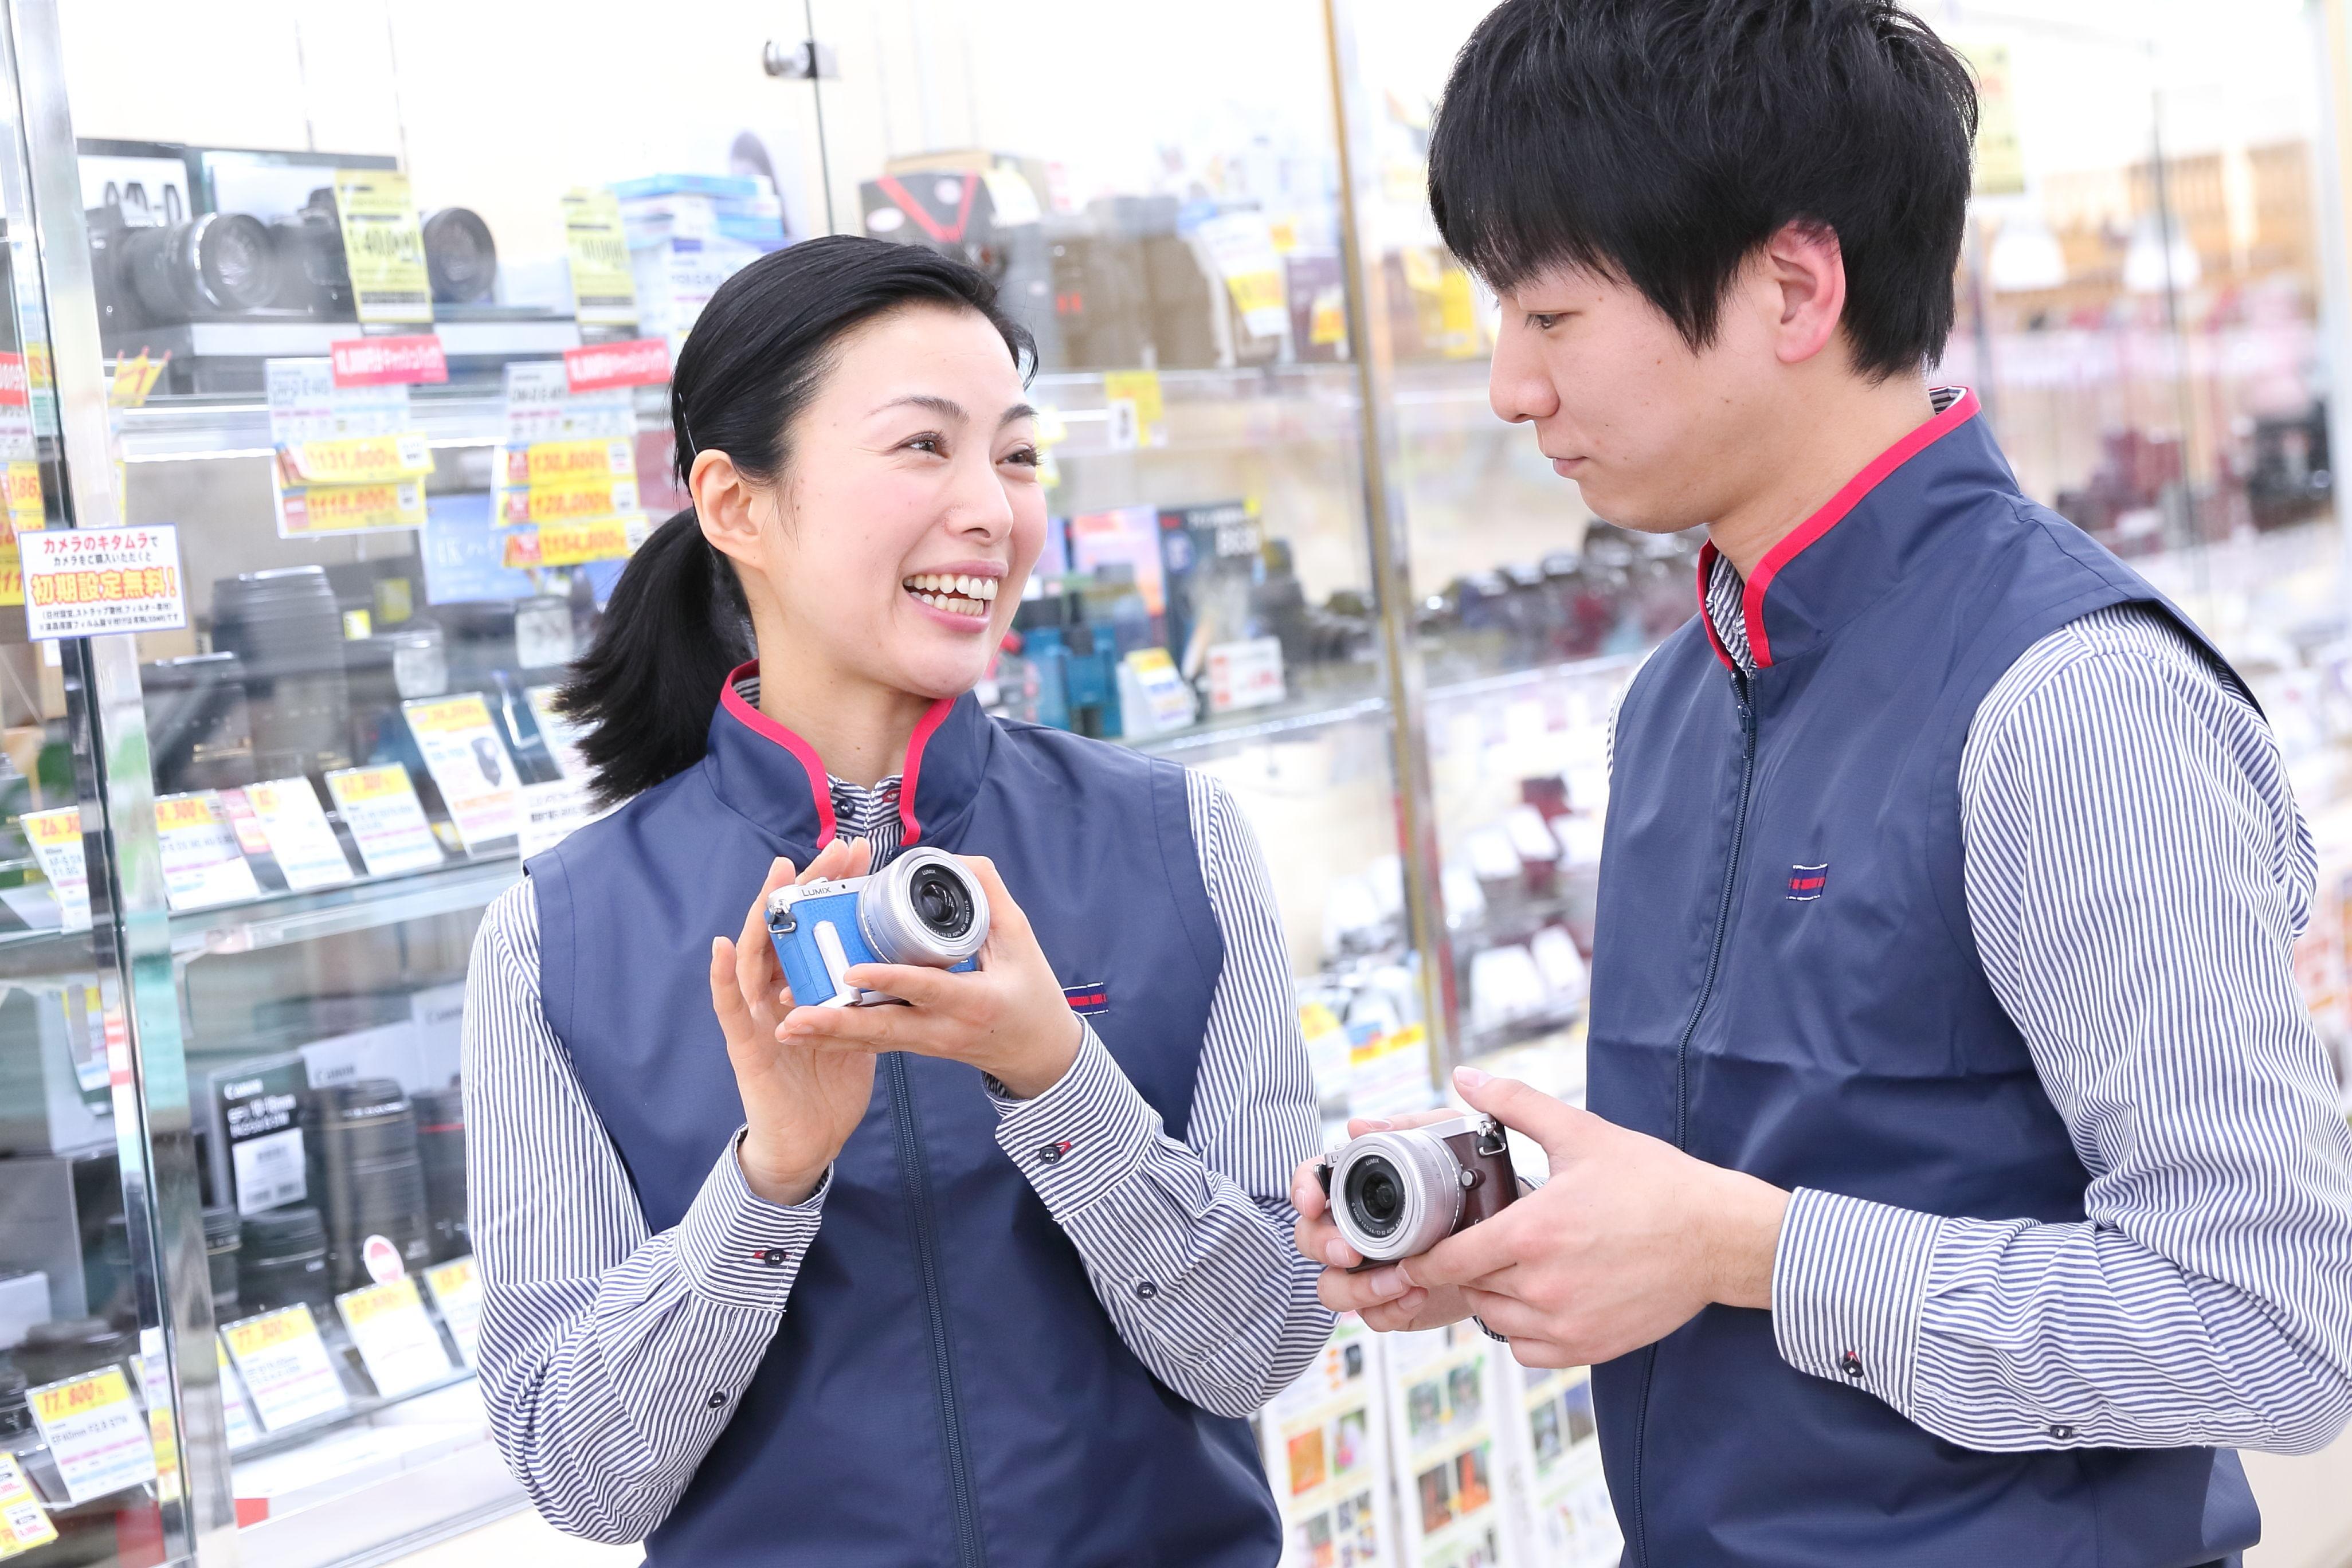 カメラのキタムラ 秩父/秩父店 のアルバイト情報